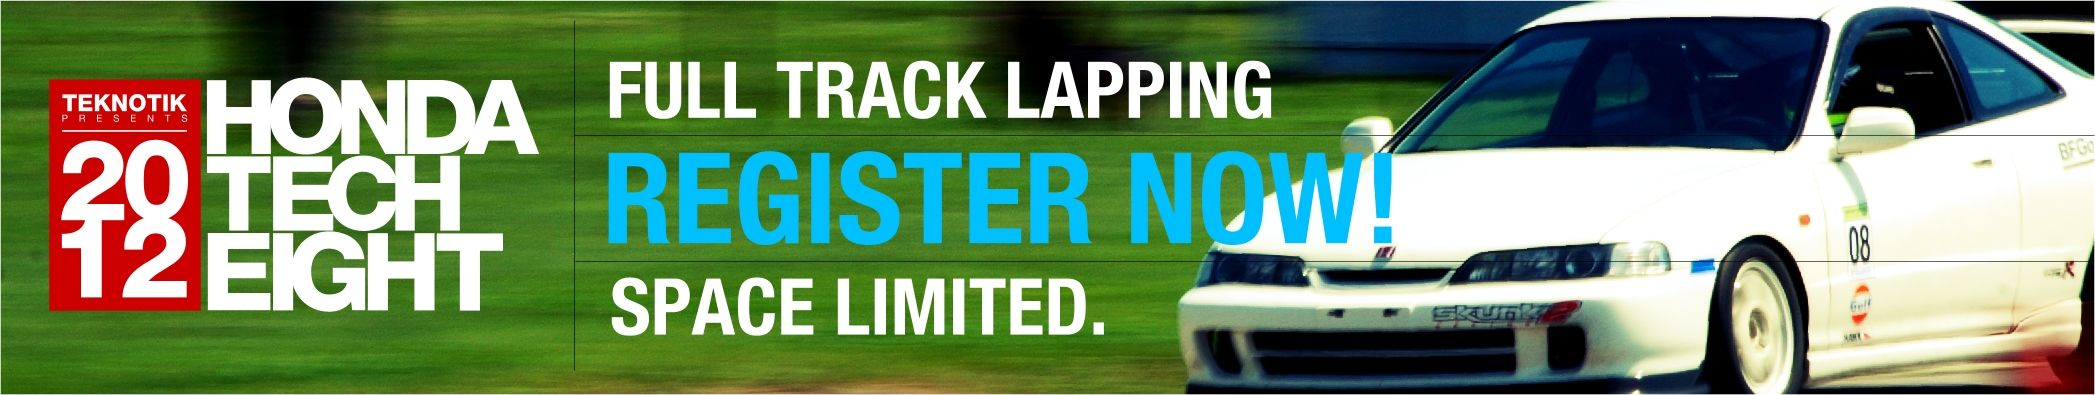 honda tech meet 2012 mosport raceway